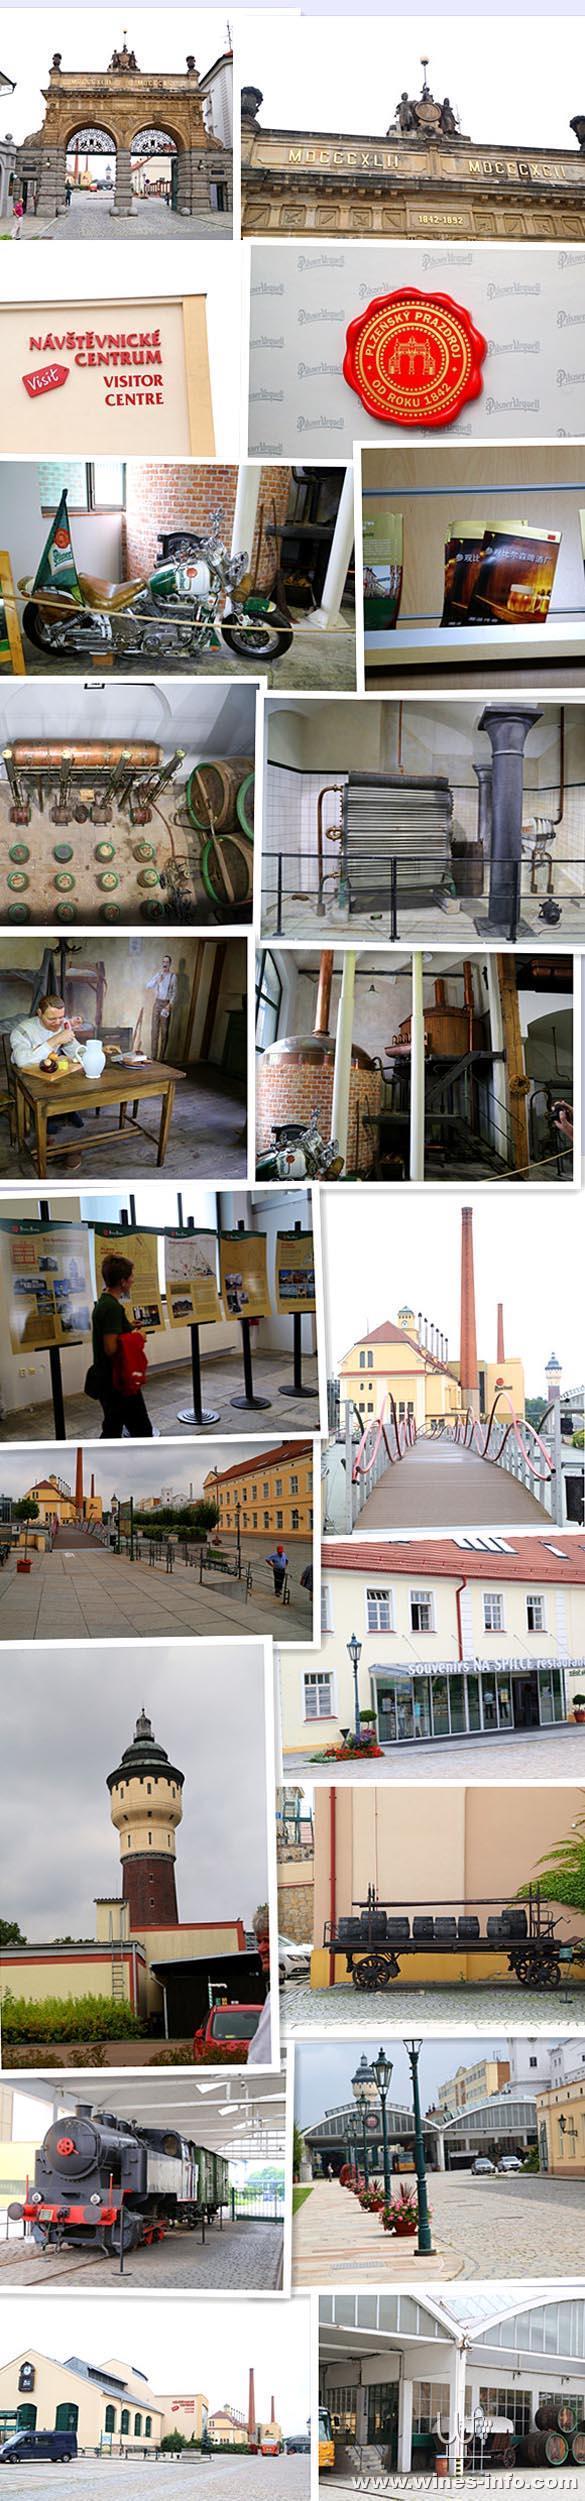 欧洲酒乡之旅--比尔森啤酒厂